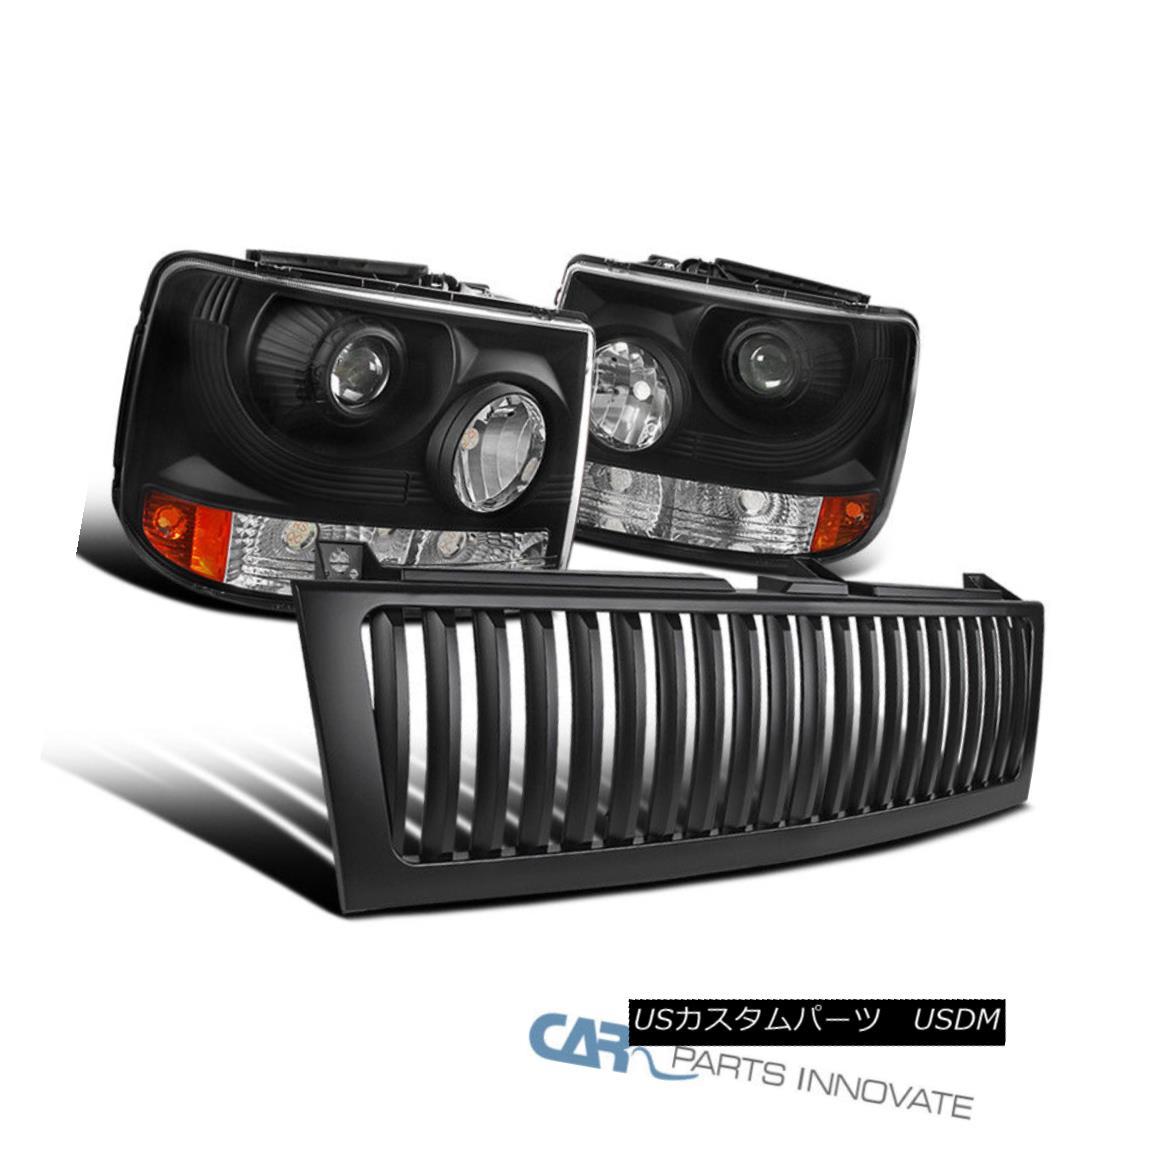 グリル Chevy 99-02 Silverado 2in1 Black Projector Head Bumper Lights+Black Hood Grille Chevy 99-02 Silverado 2in1ブラックプロジェクターヘッドバンパーライト+ブラックフードグリル